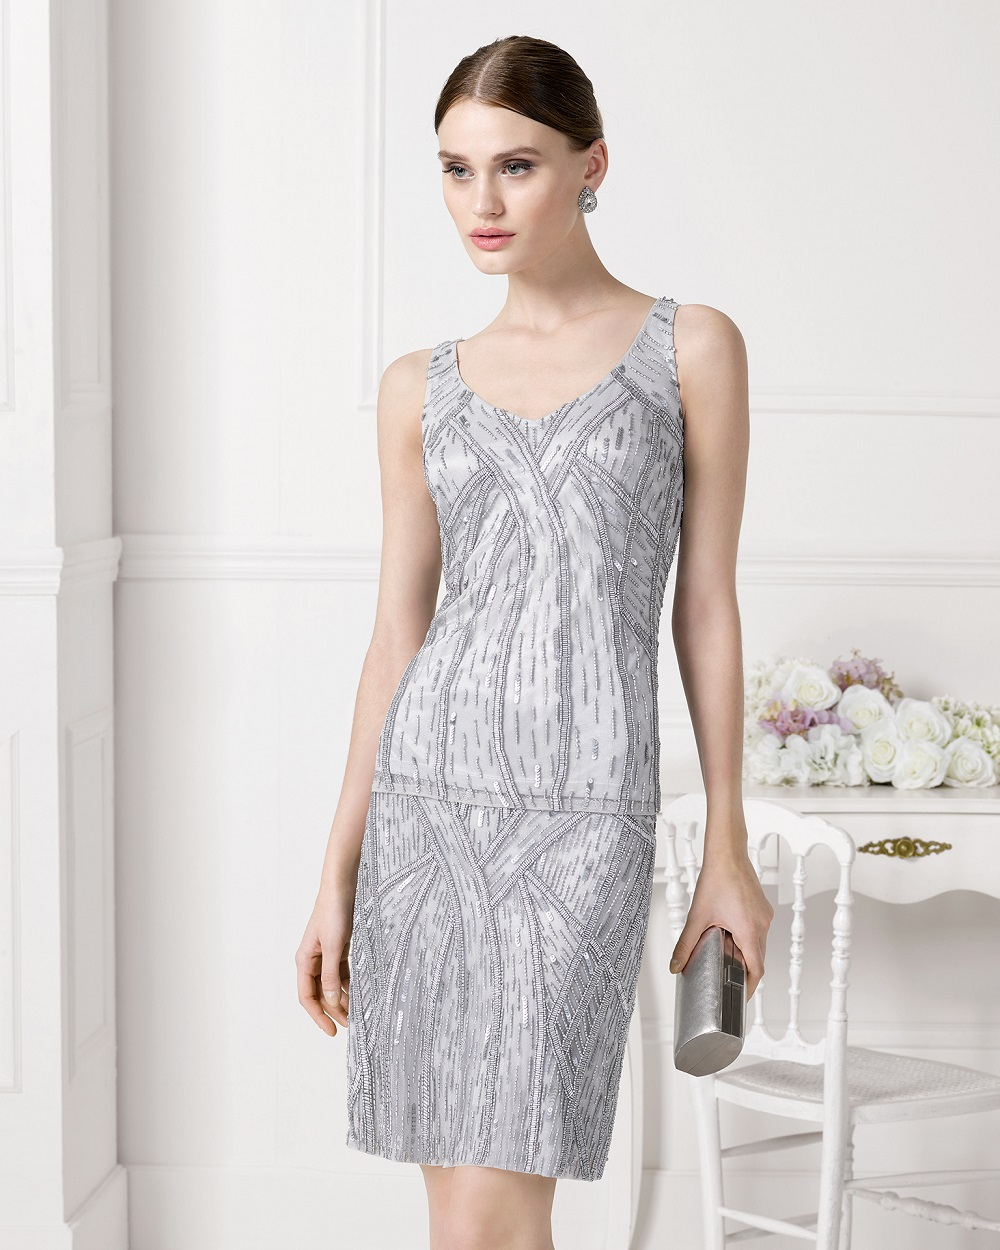 Beste Was Ist Dresscode Cocktail Ideen - Brautkleider Ideen ...